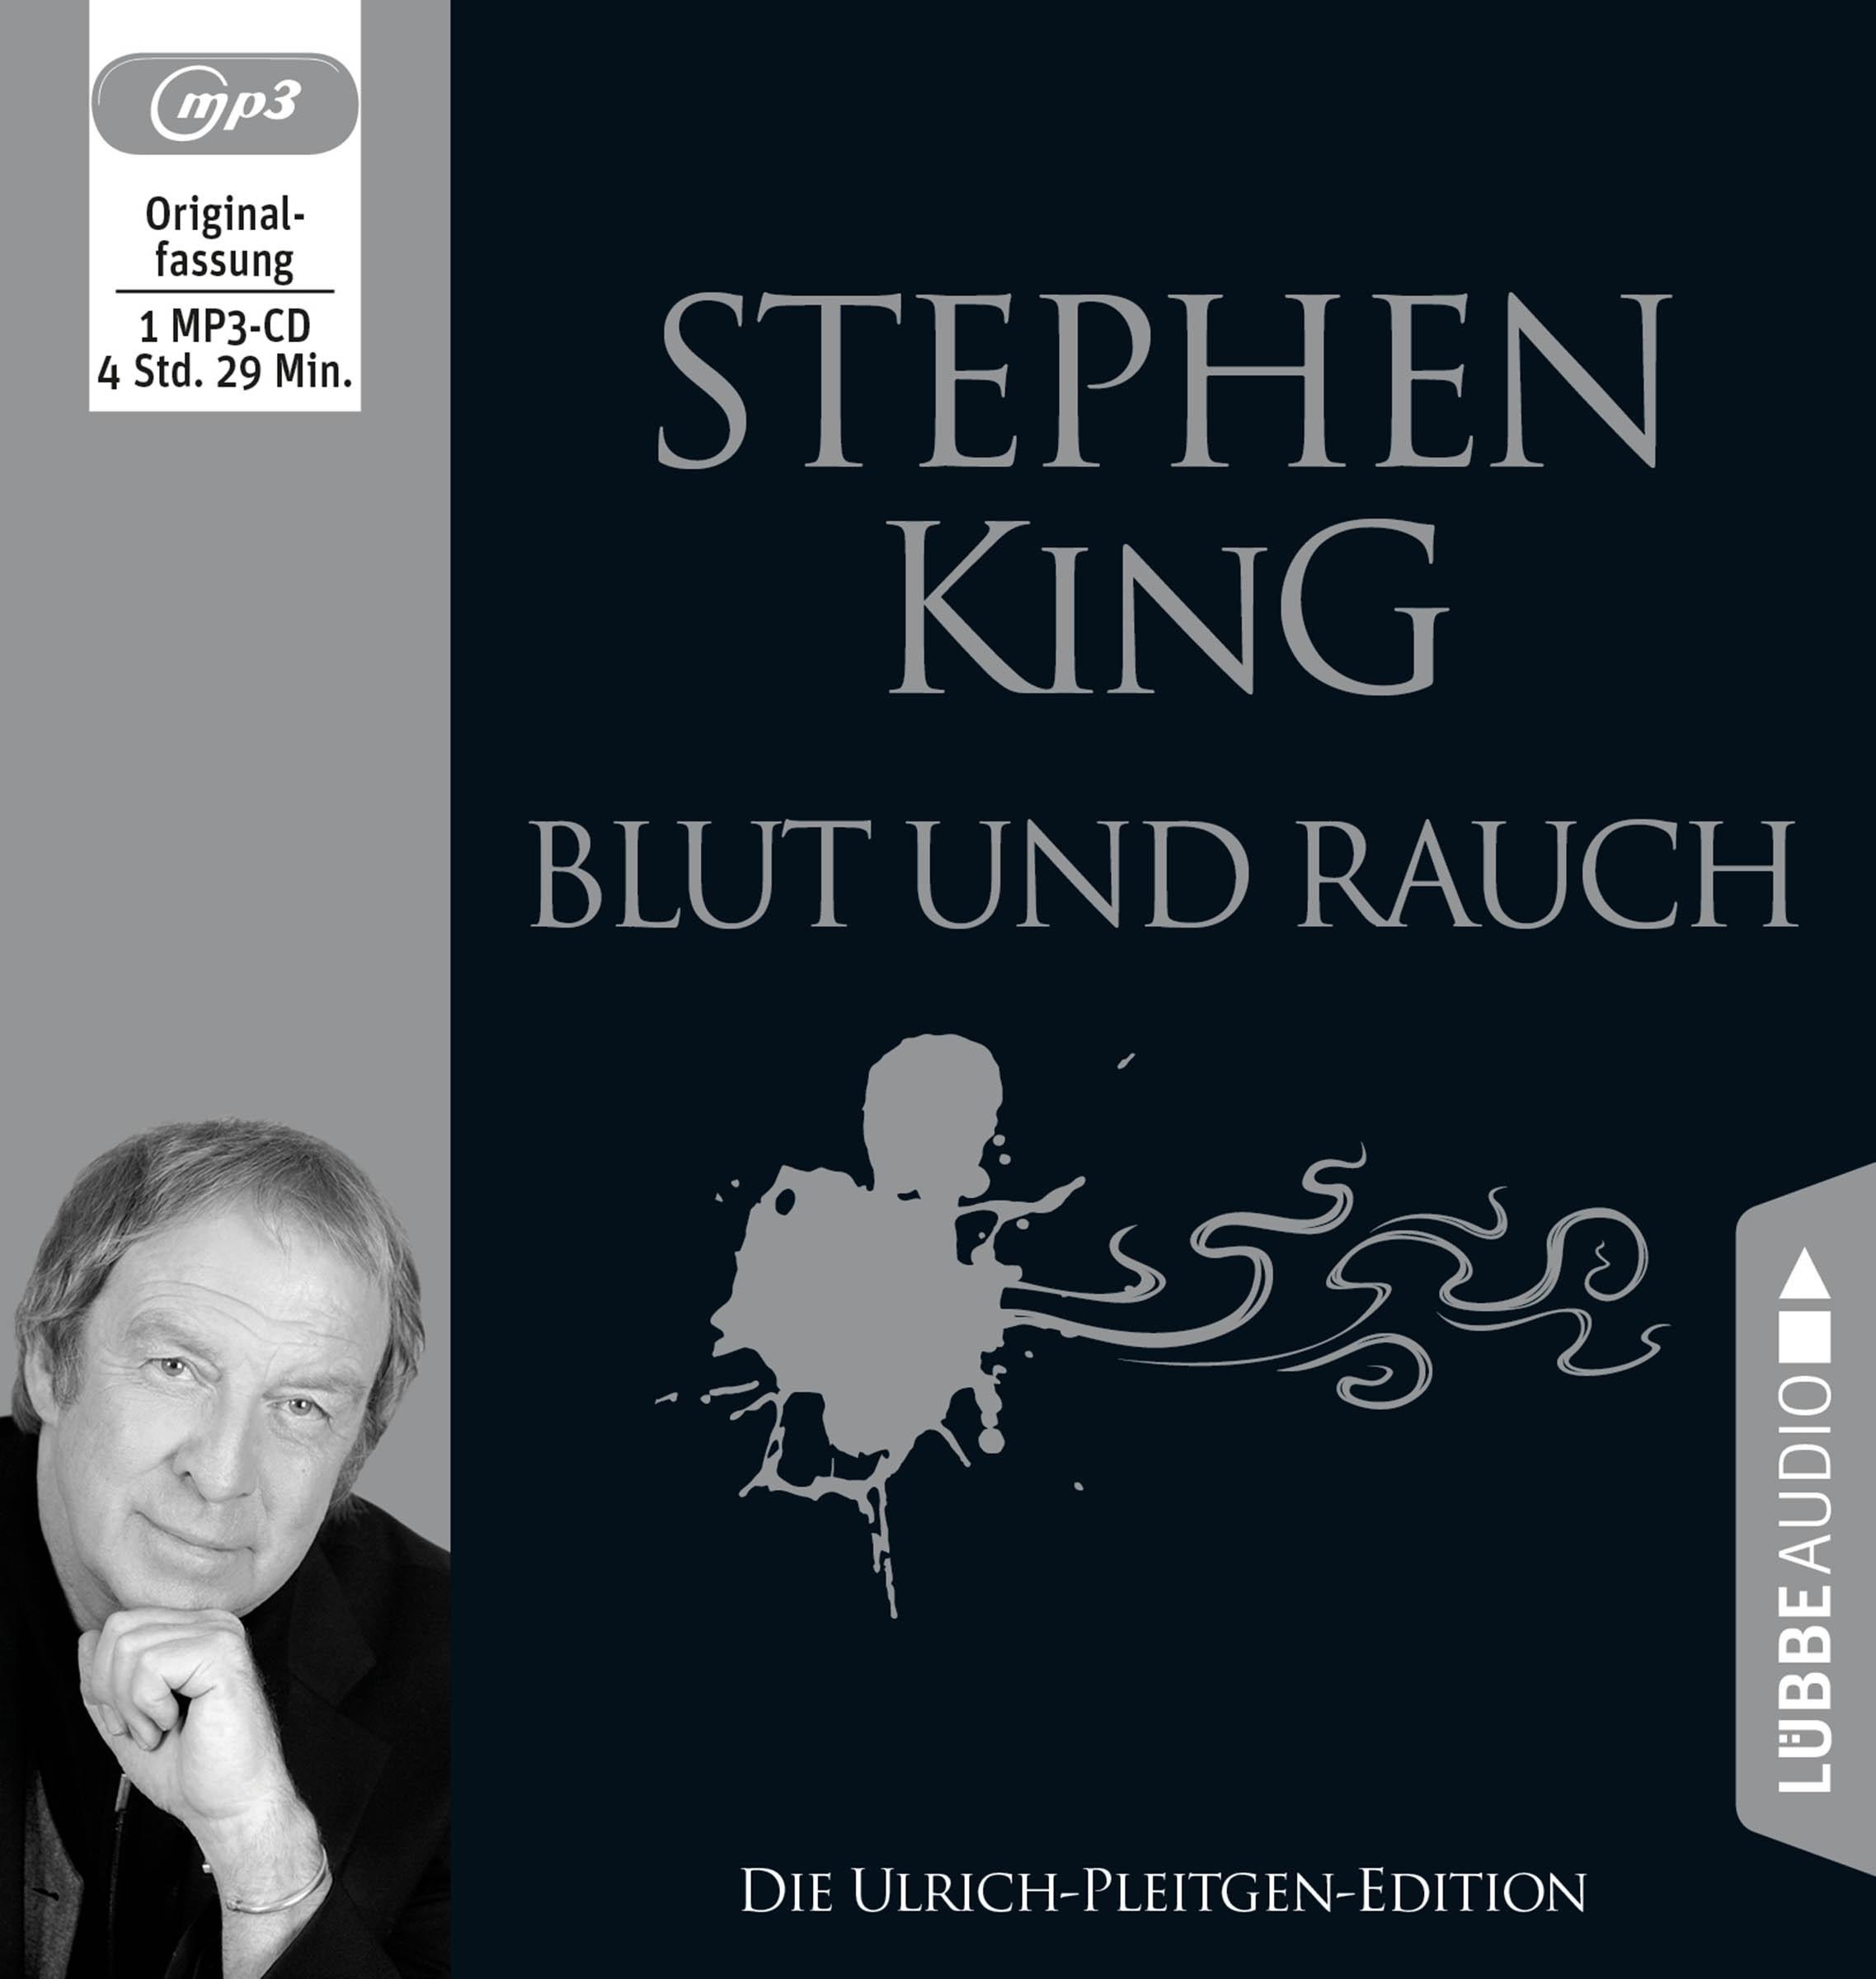 Stephen King - Blut und Rauch: Die Ulrich-Pleitgen-Edition